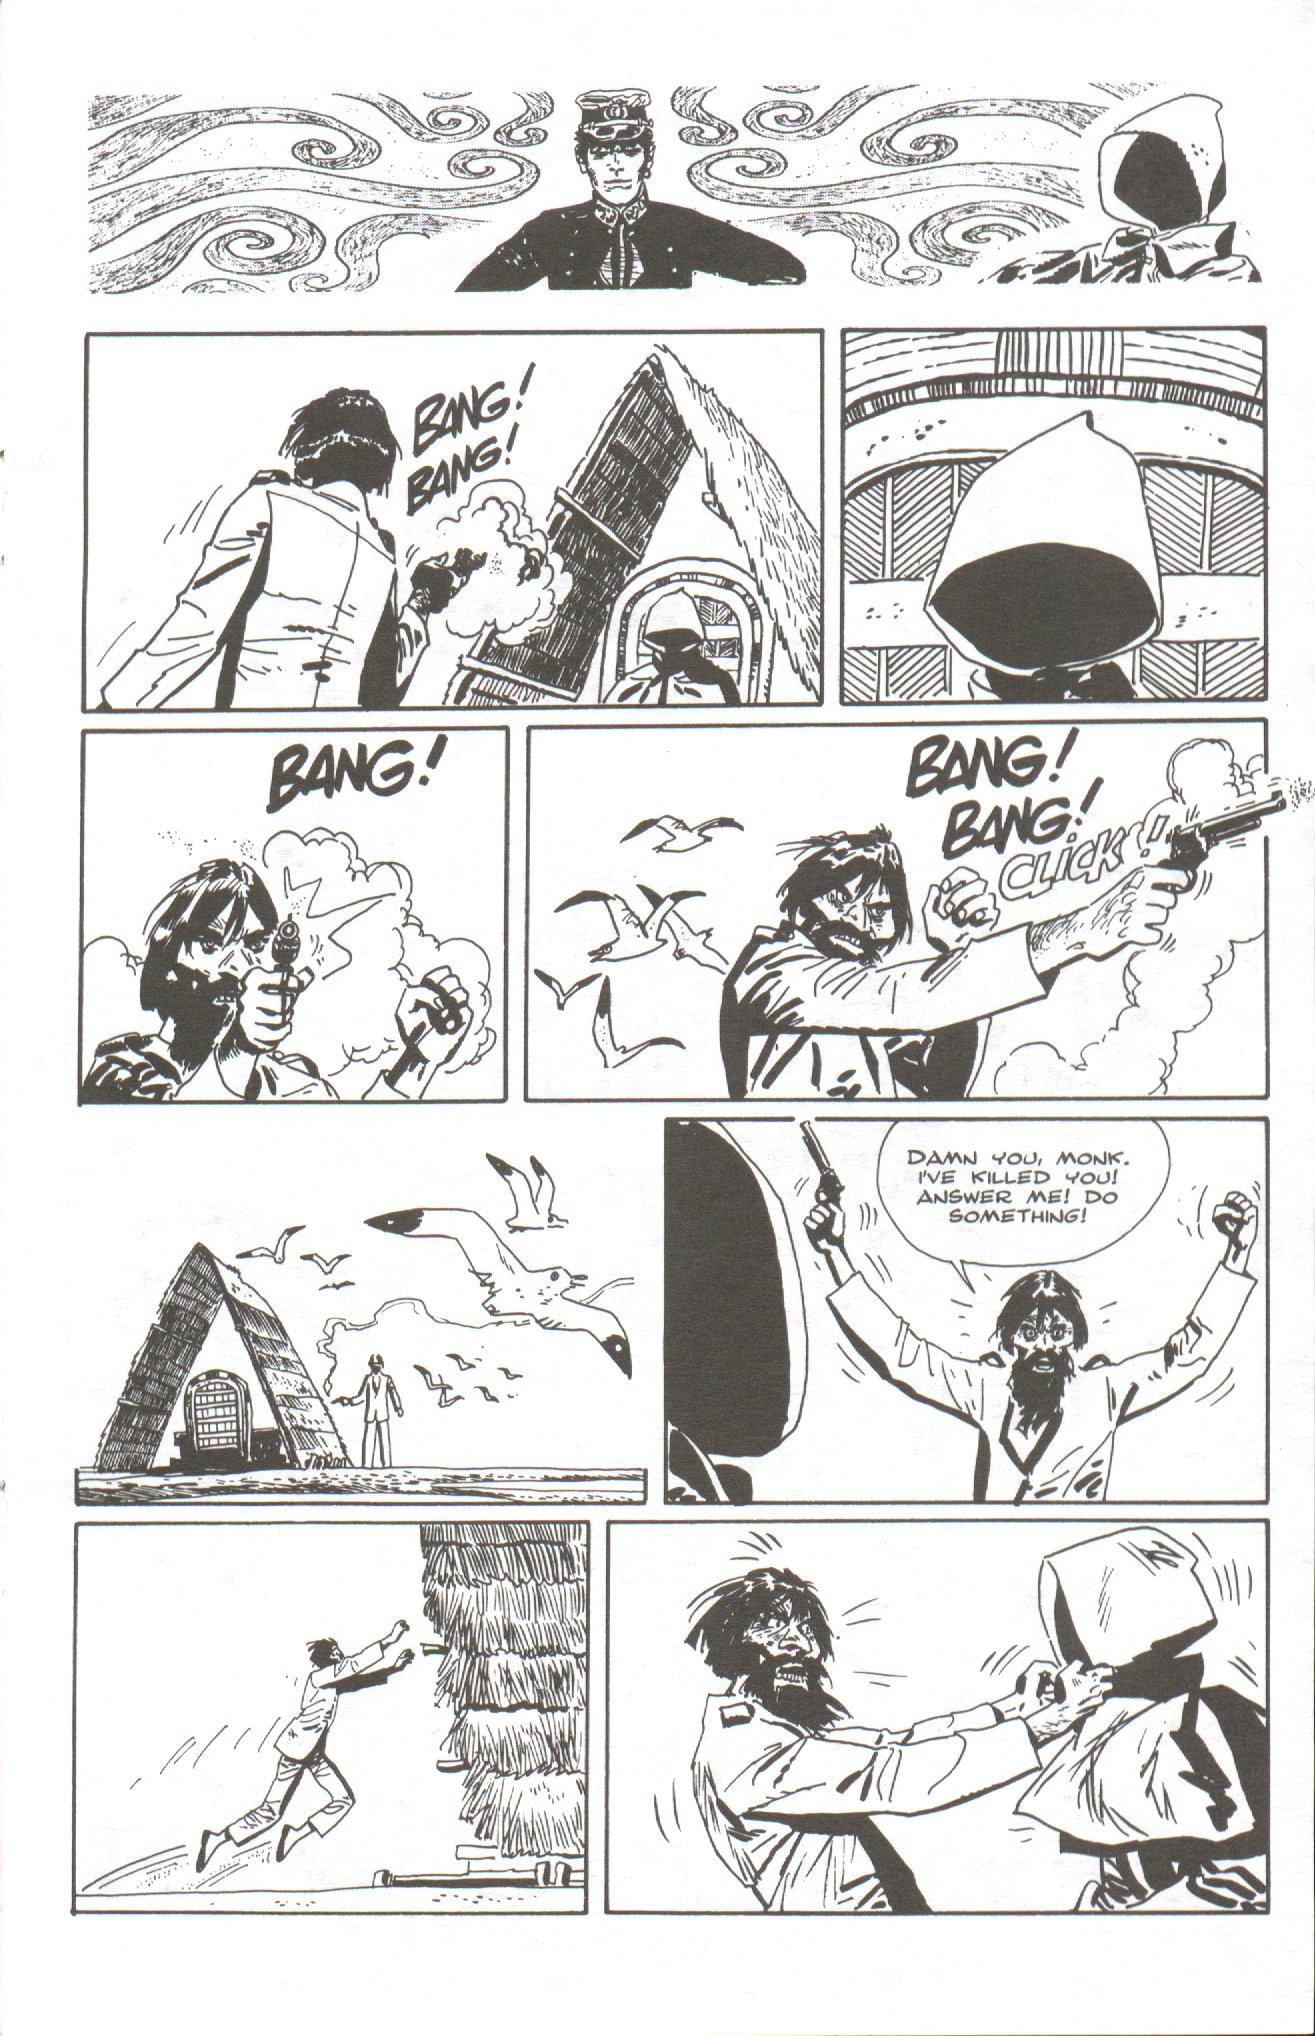 Read online Corto Maltese: Ballad of the Salt Sea comic -  Issue #5 - 13